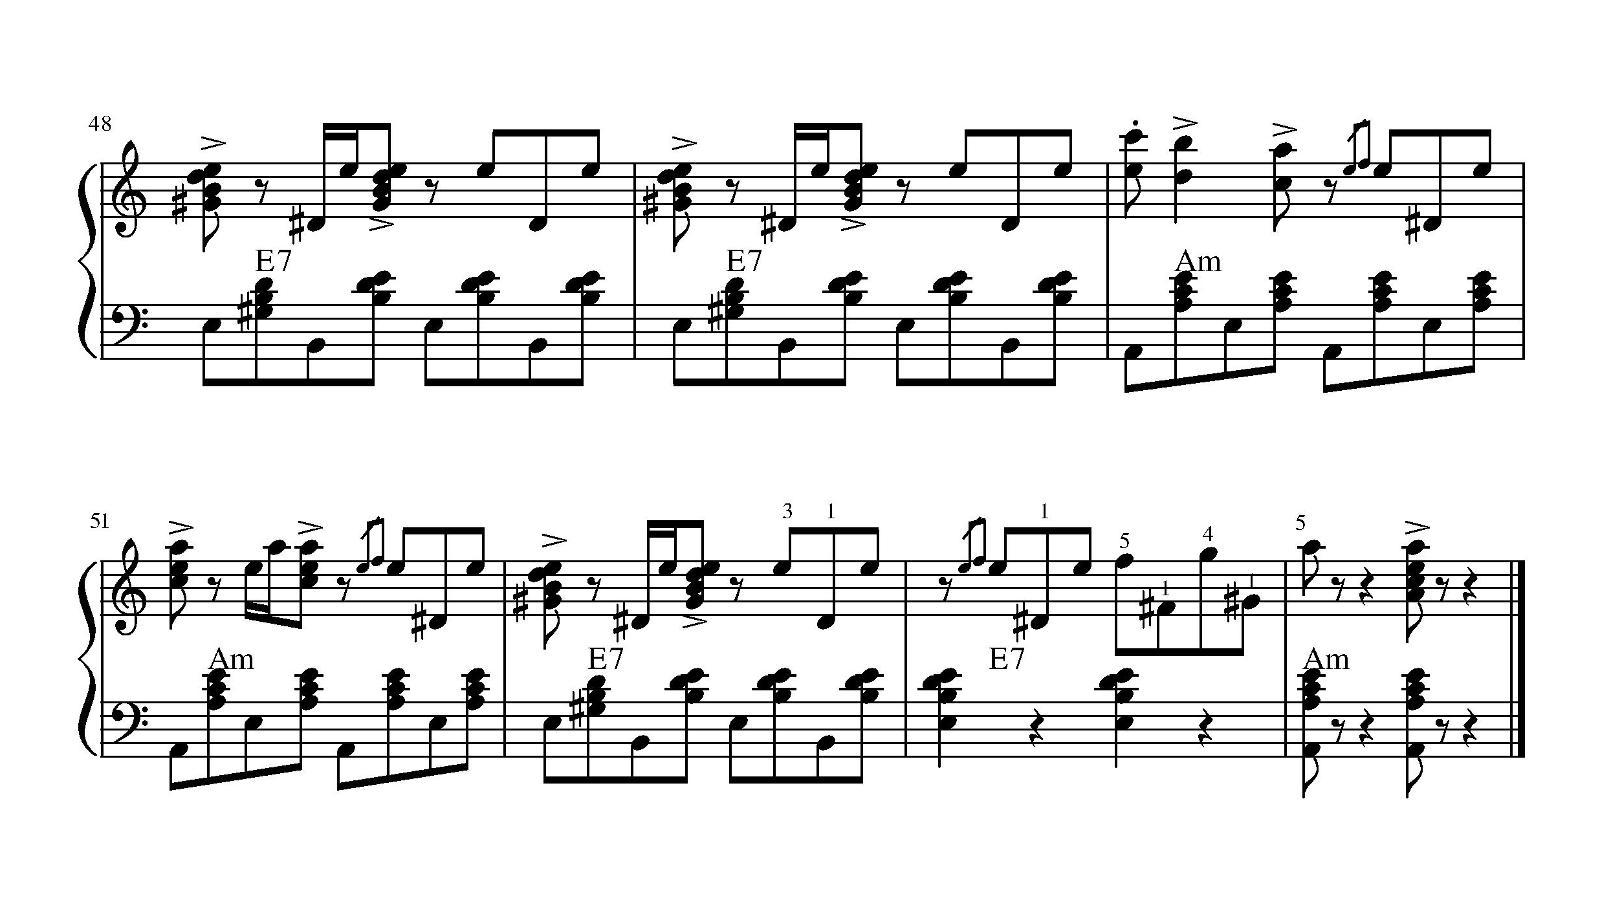 Теплоход(В.Добрынин). Ноты для гармони. Страница 3.